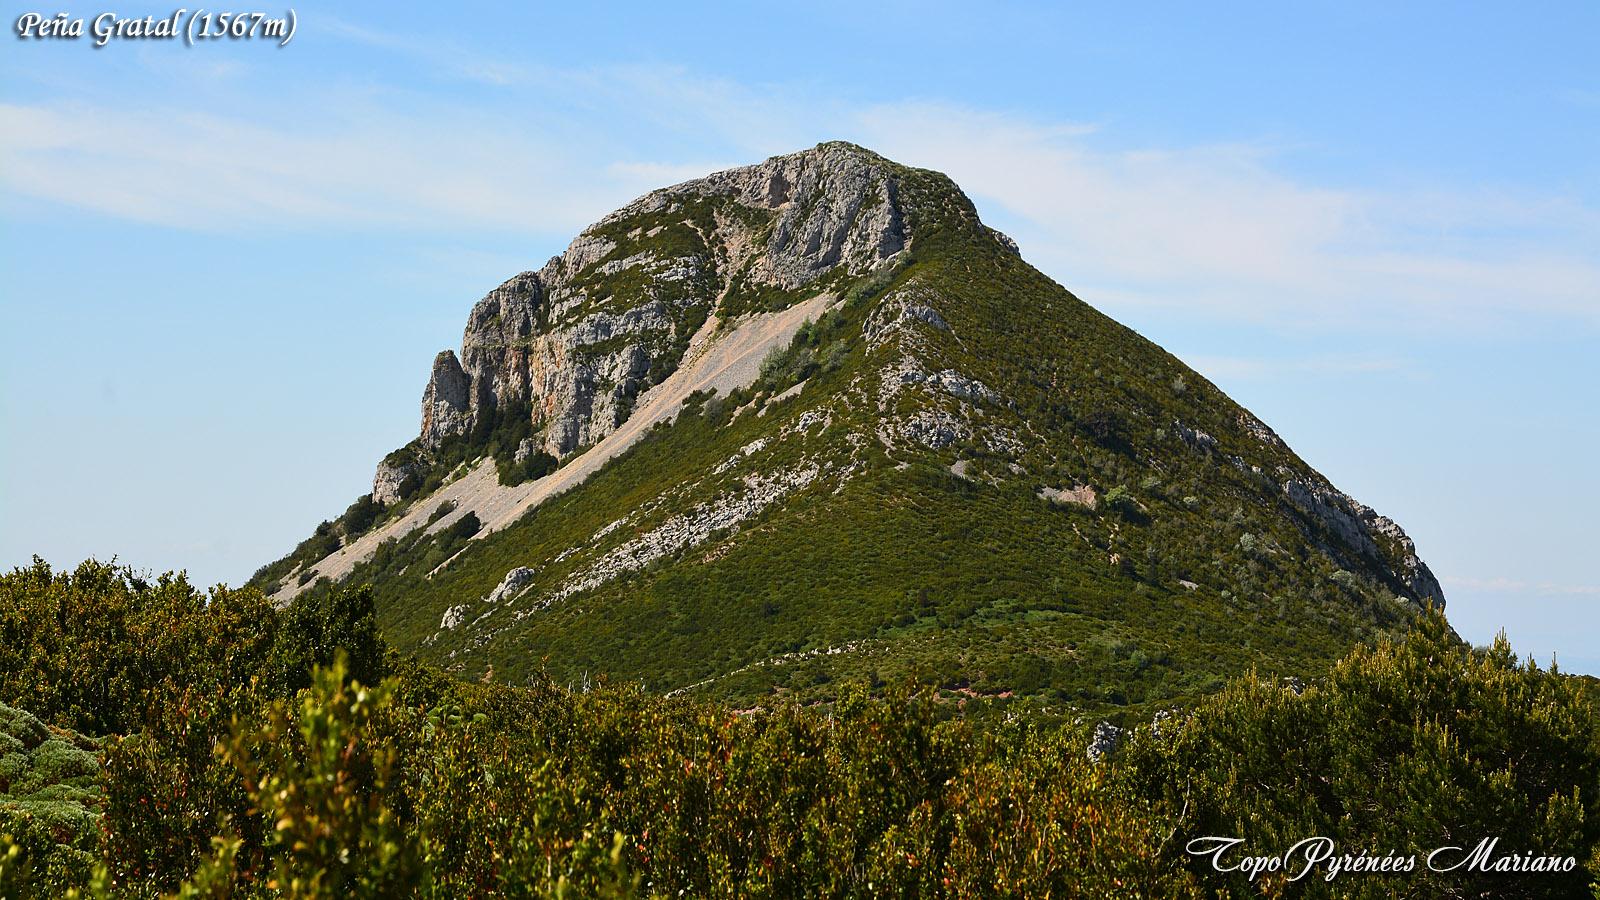 Randonnée Peña Gratal (1567m) depuis Arguis